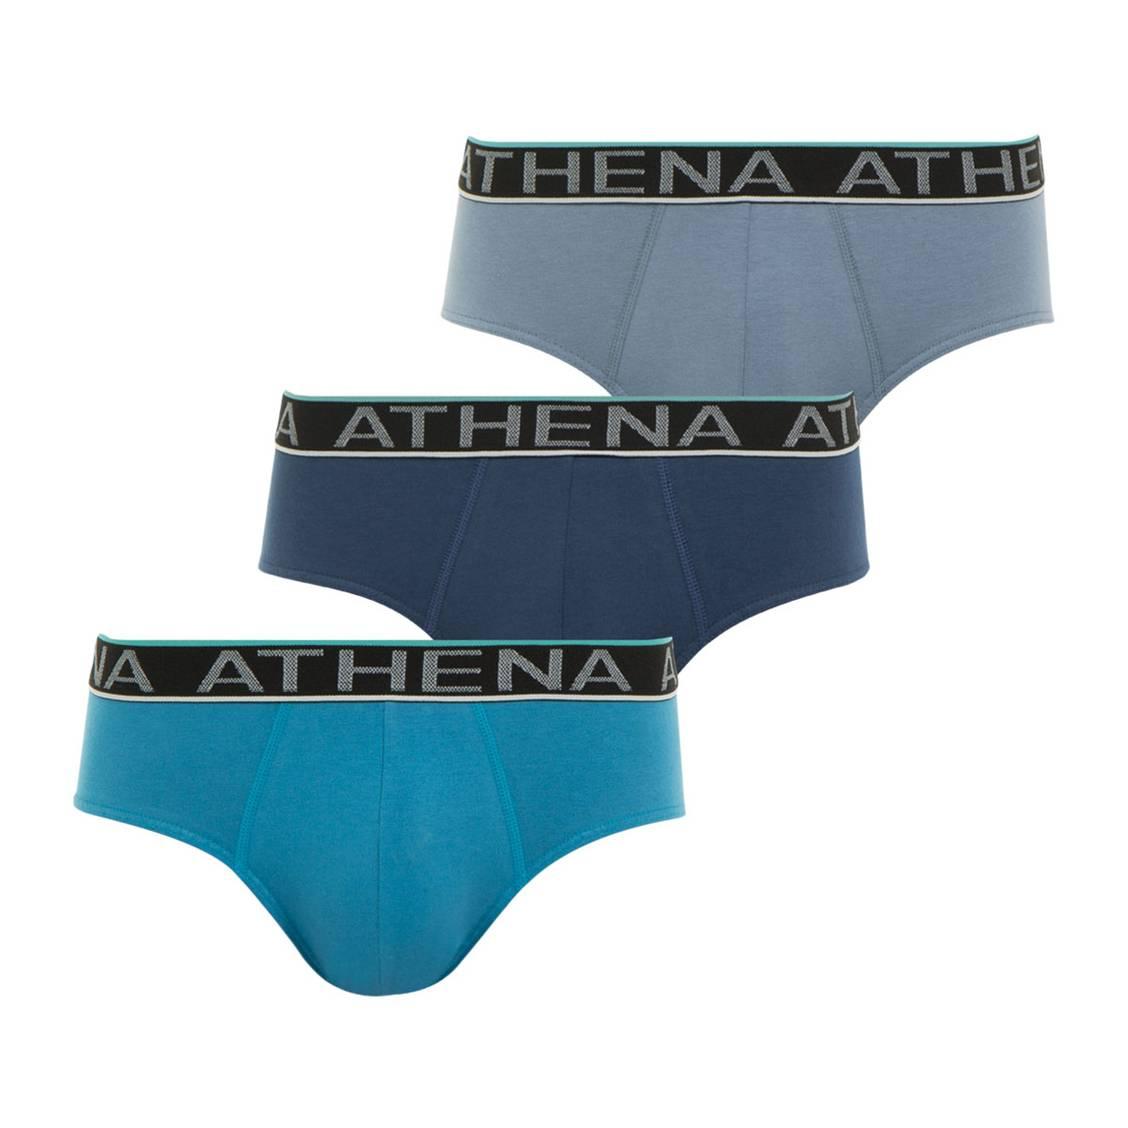 Lot de 3 slips Athena en jersey de coton stretch bleu turquoise, bleu marine et bleu grisé à ceinture noire brodée à bandes colorées